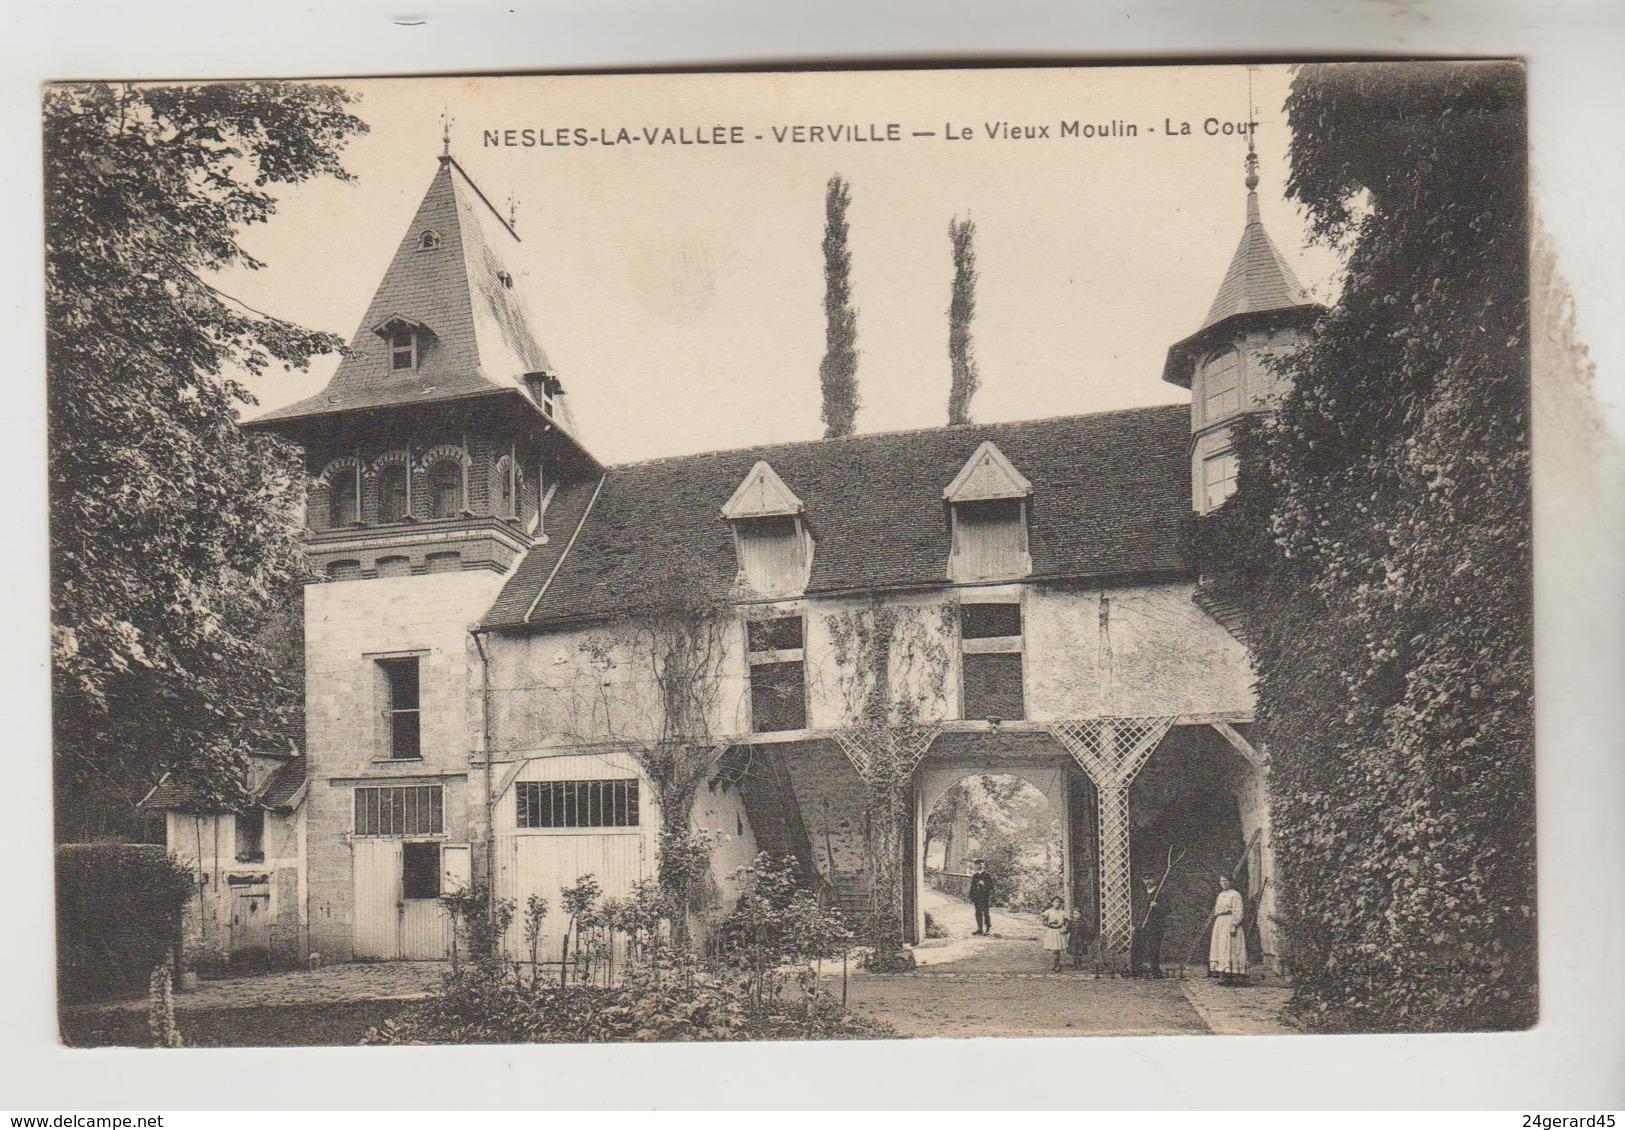 CPA NESLES LA VALLEE (Val D'Oise) - VERVILLE : La Vieux Moulin, La Cour - Nesles-la-Vallée